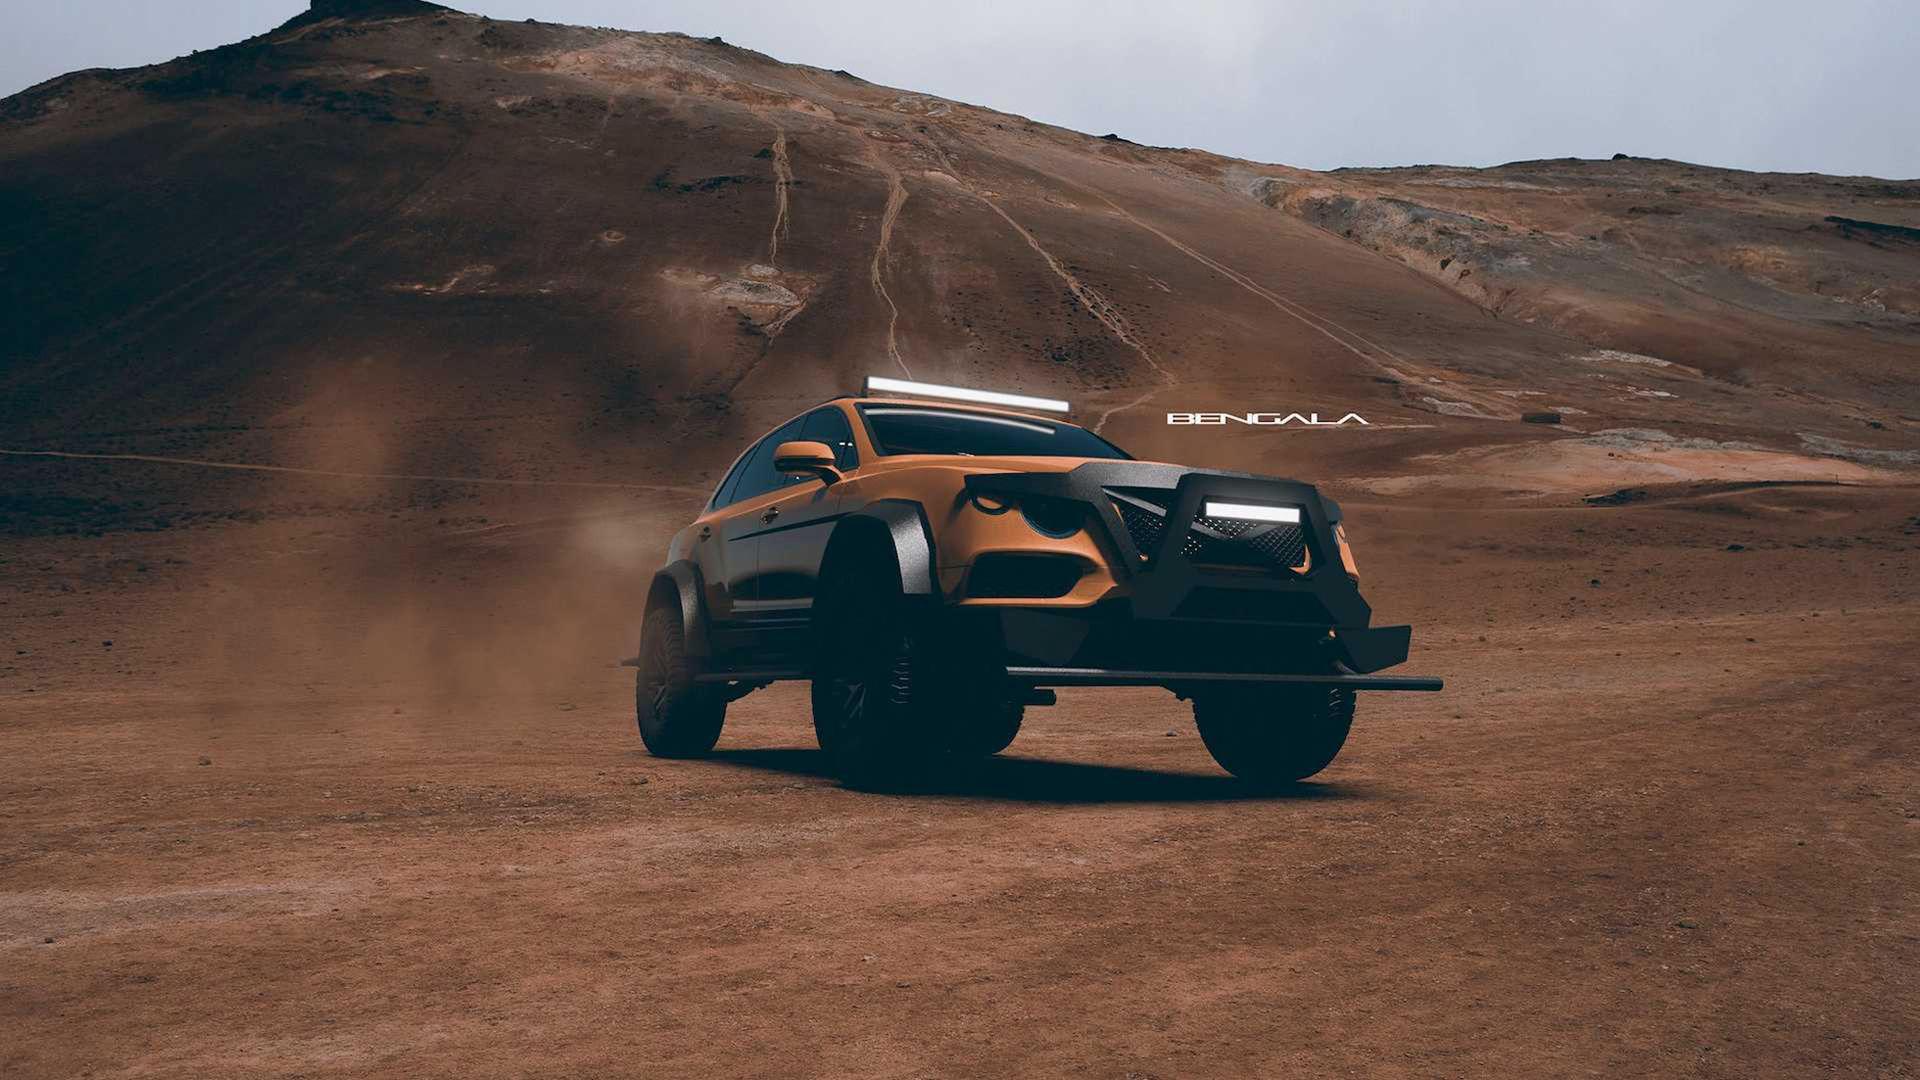 Spanskt företag presenterar hårdare Bentley Bentayga